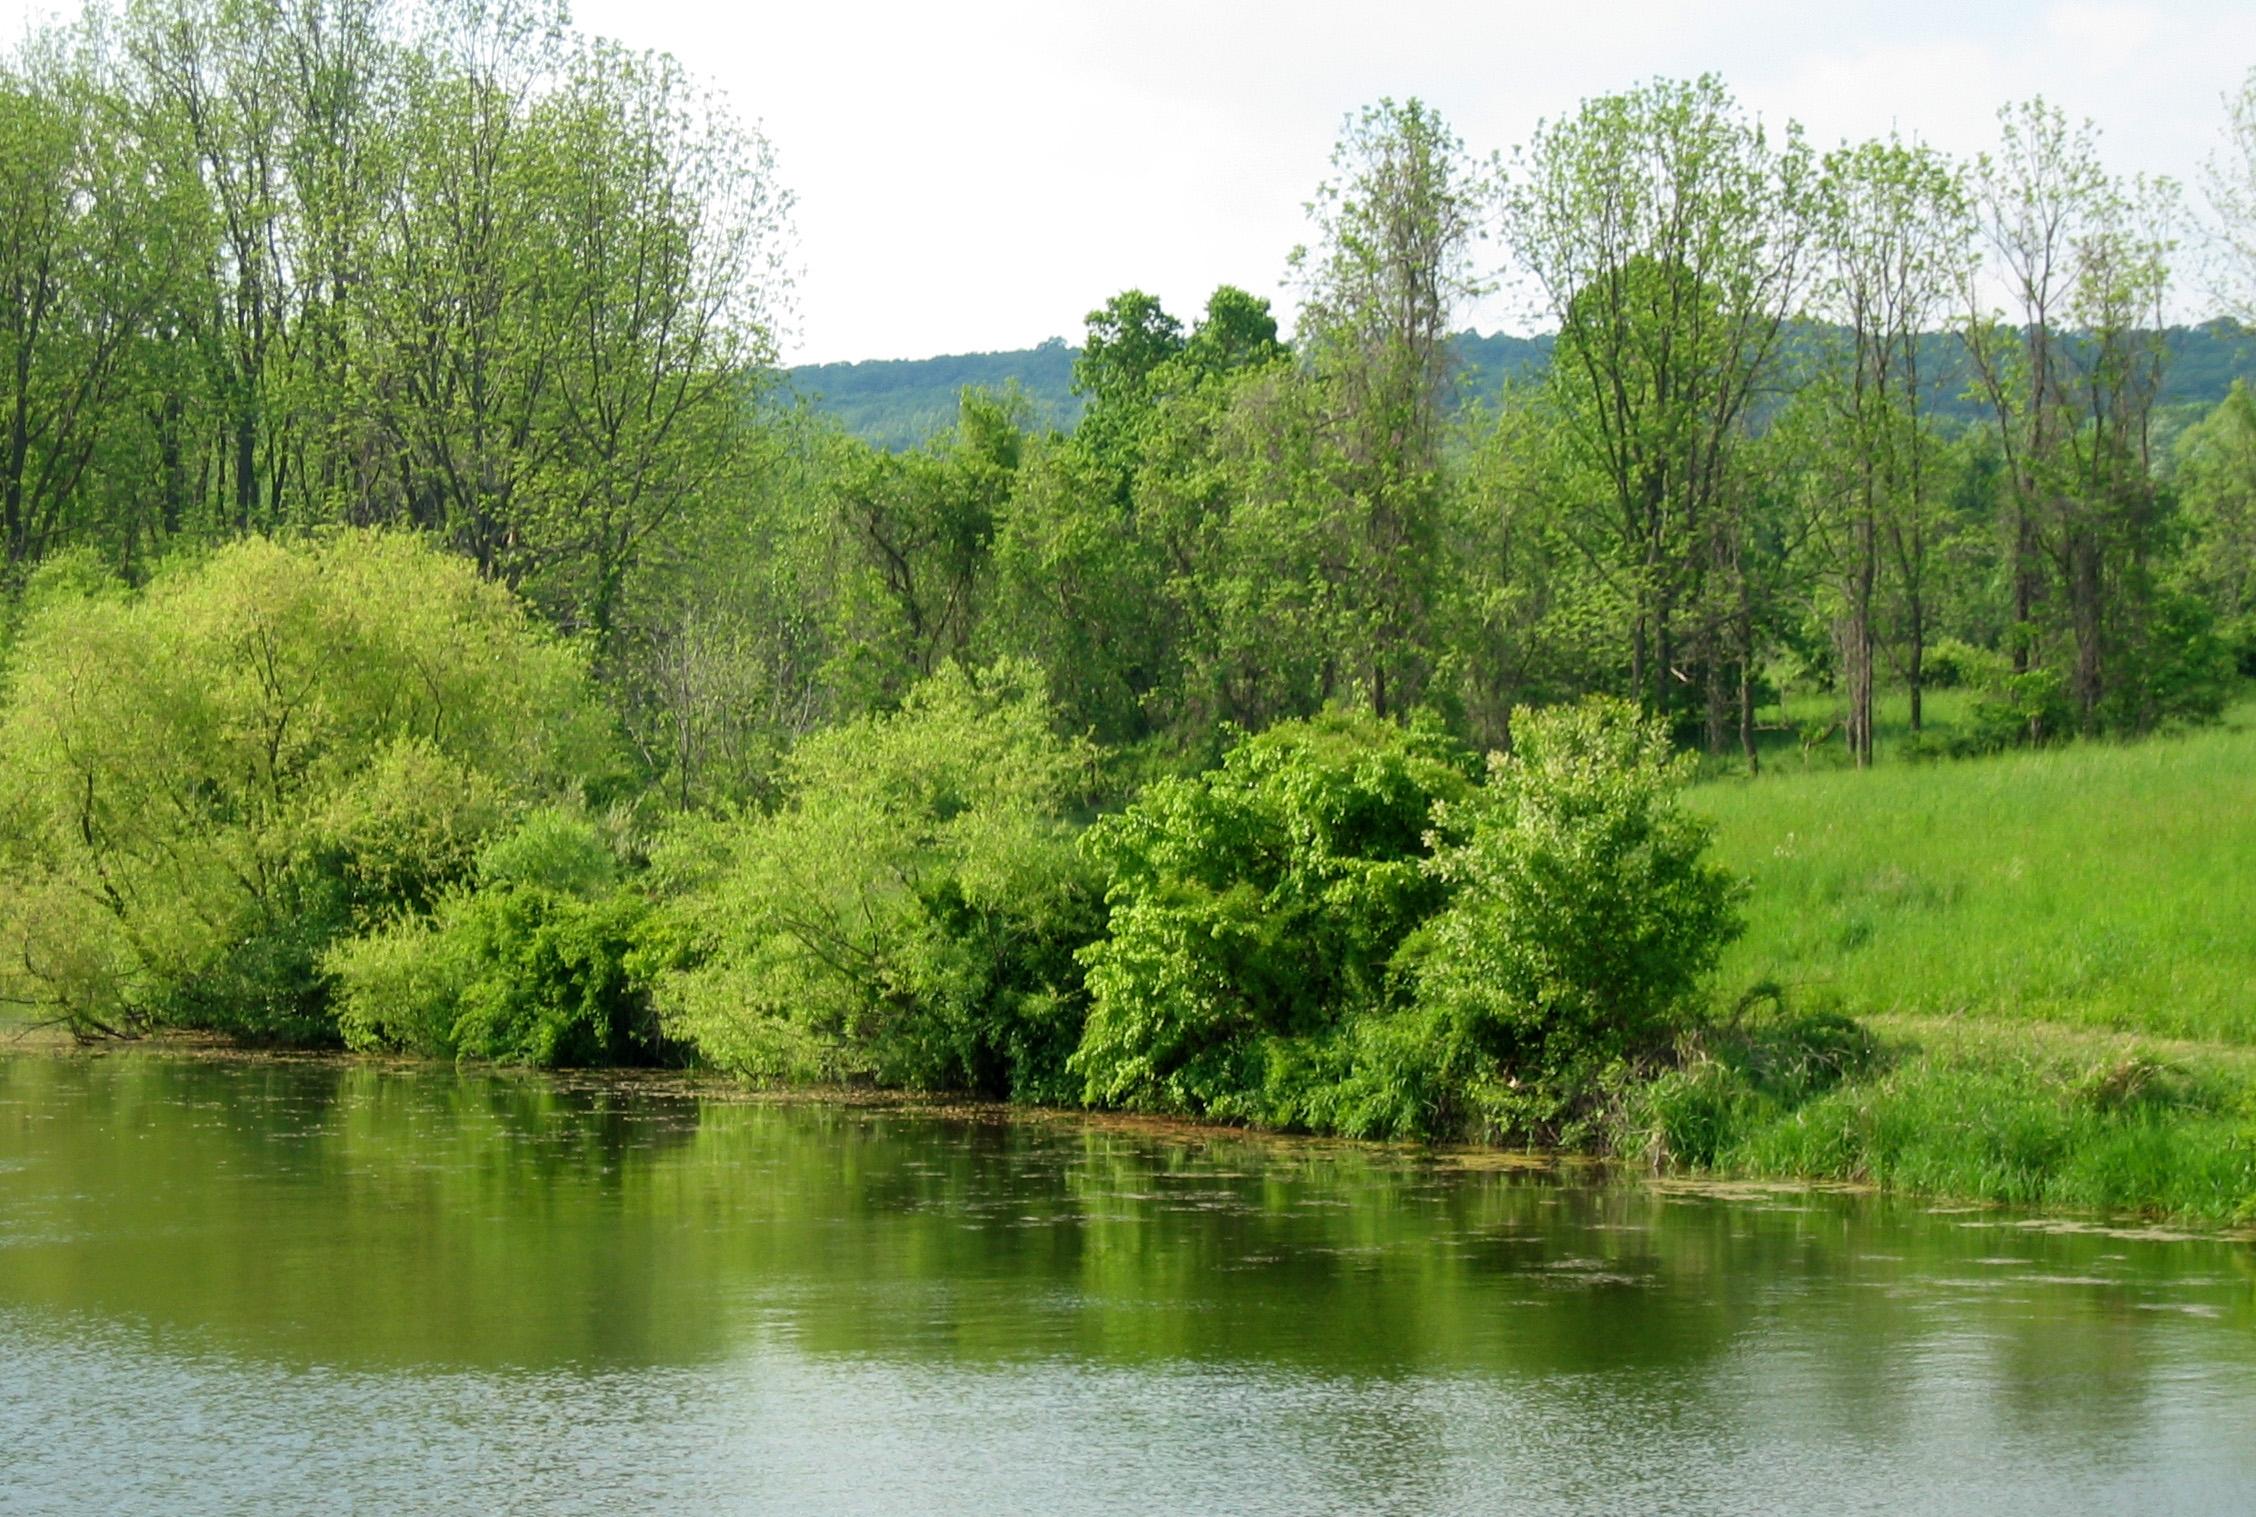 lorimer lake cropped.jpg